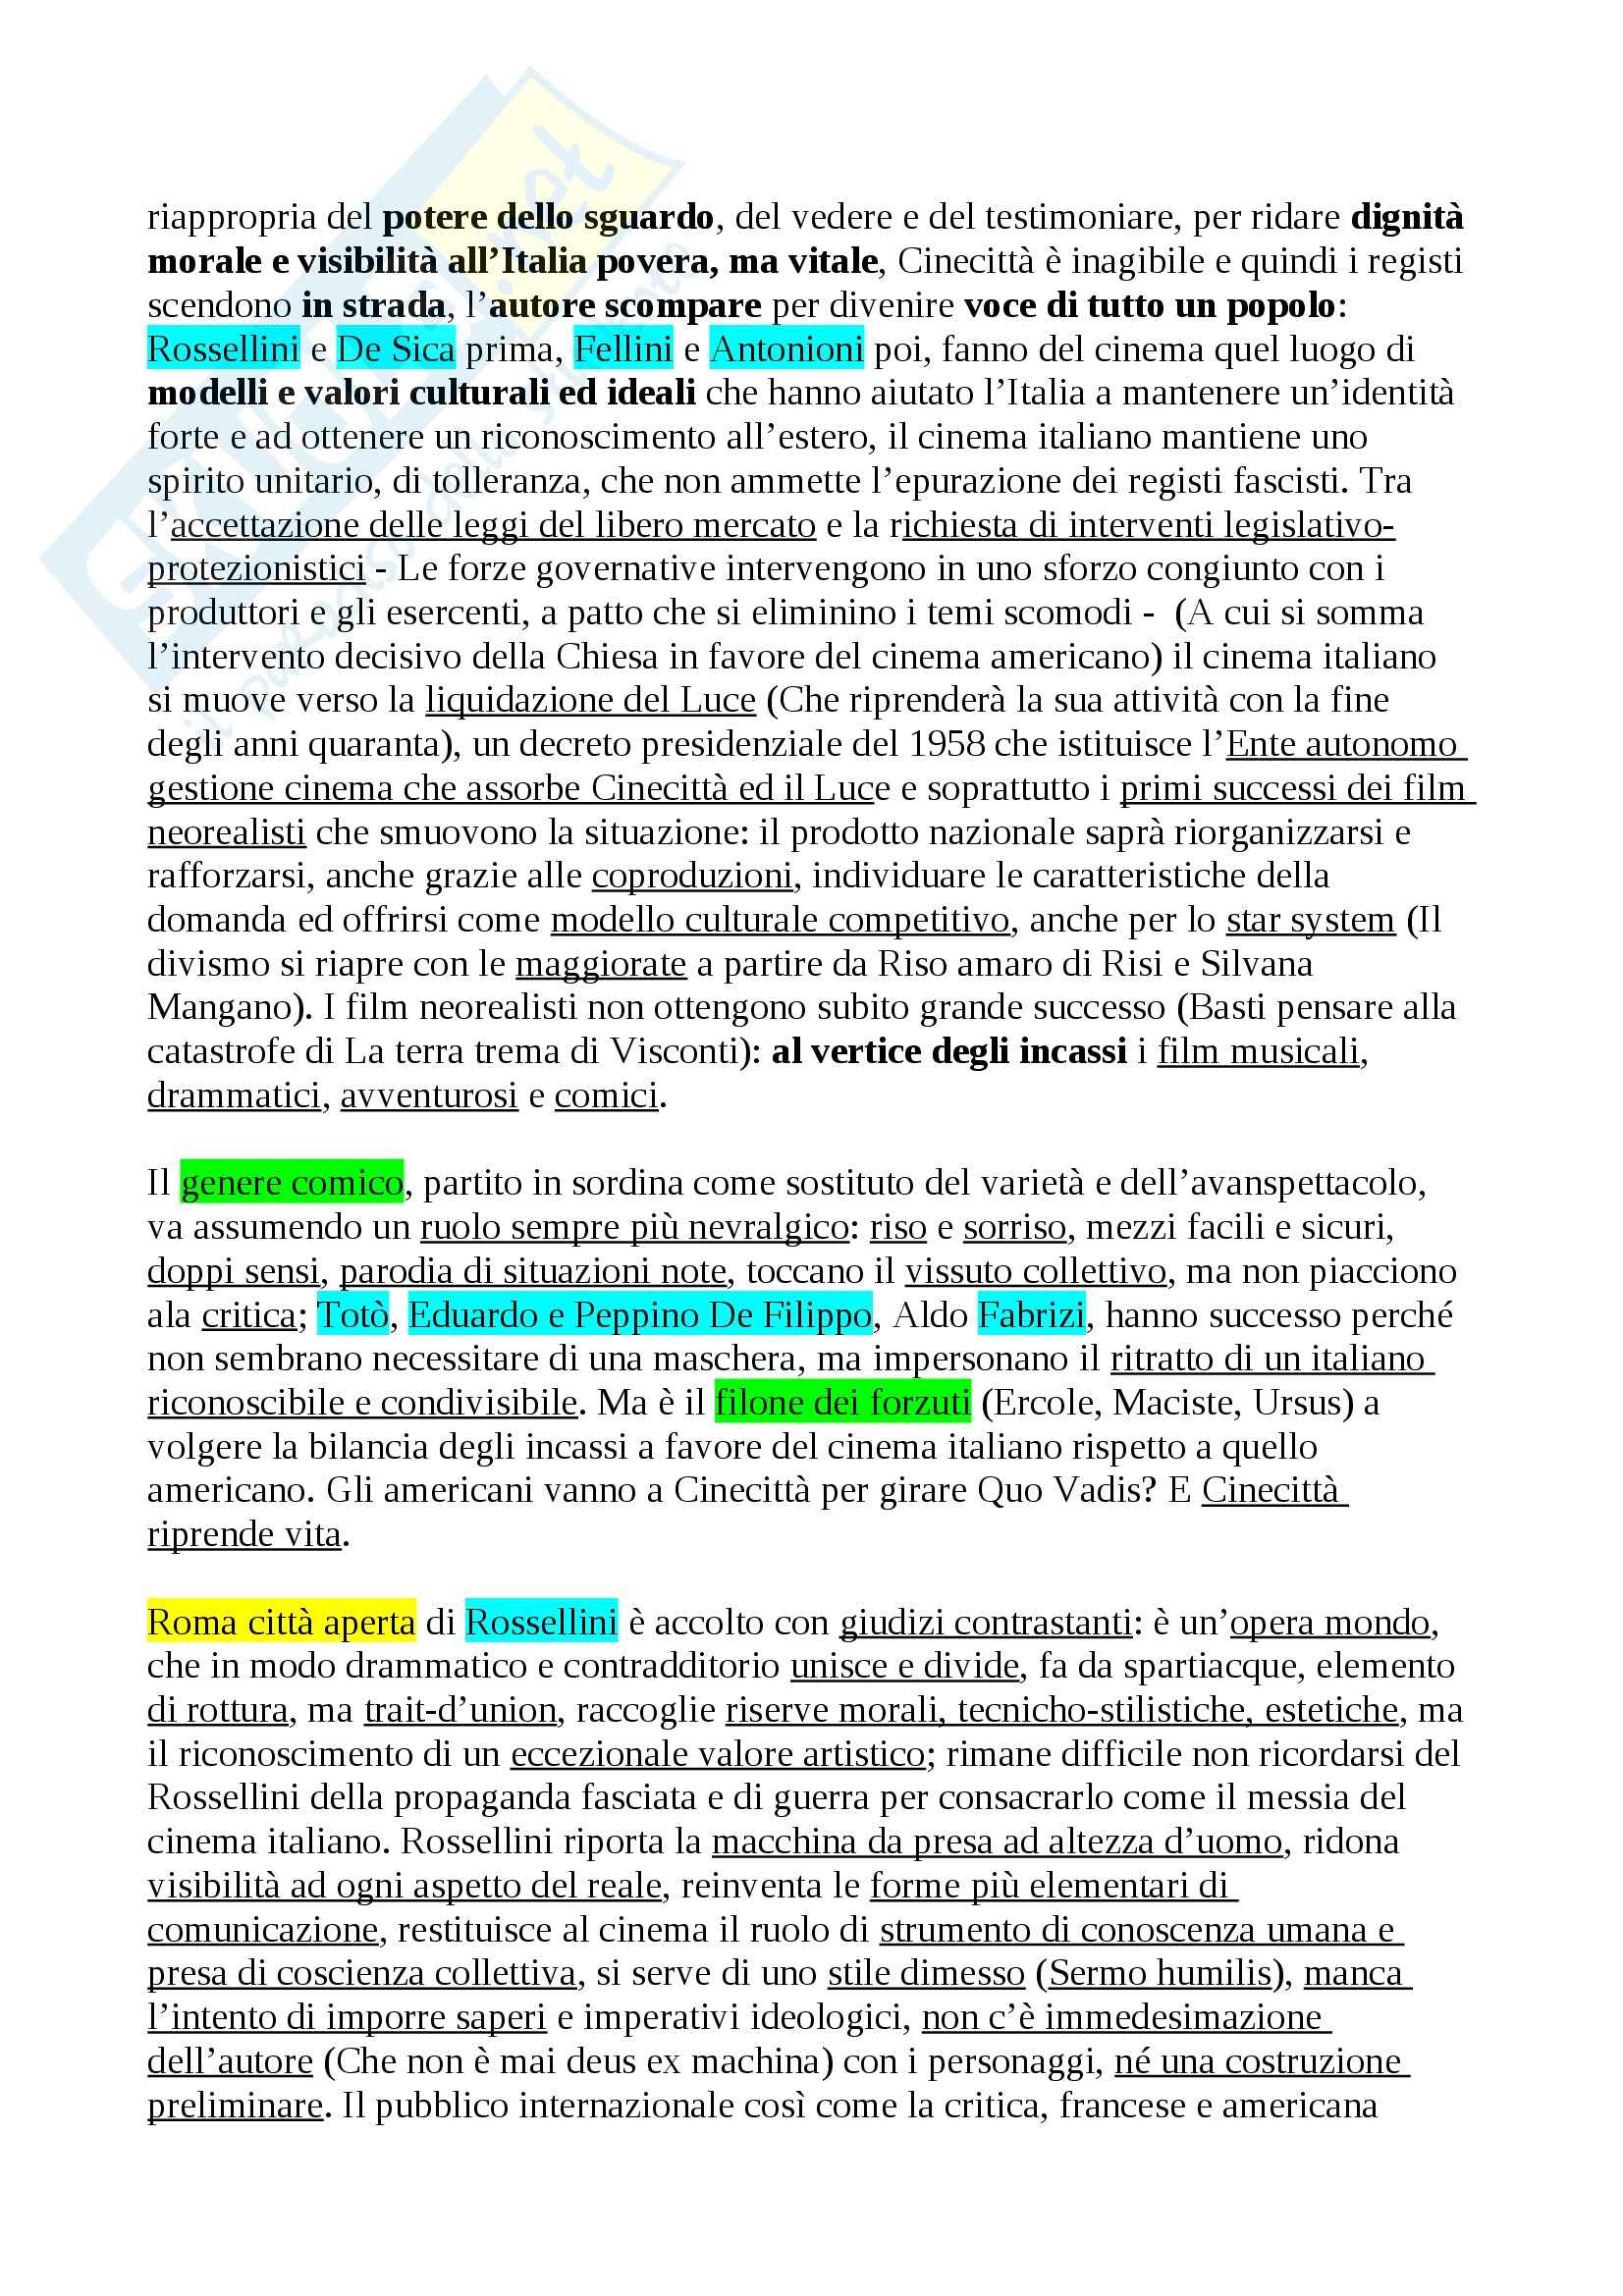 Riassunto esame Storia del Cinema Italiano, prof. Della Torre Pag. 11